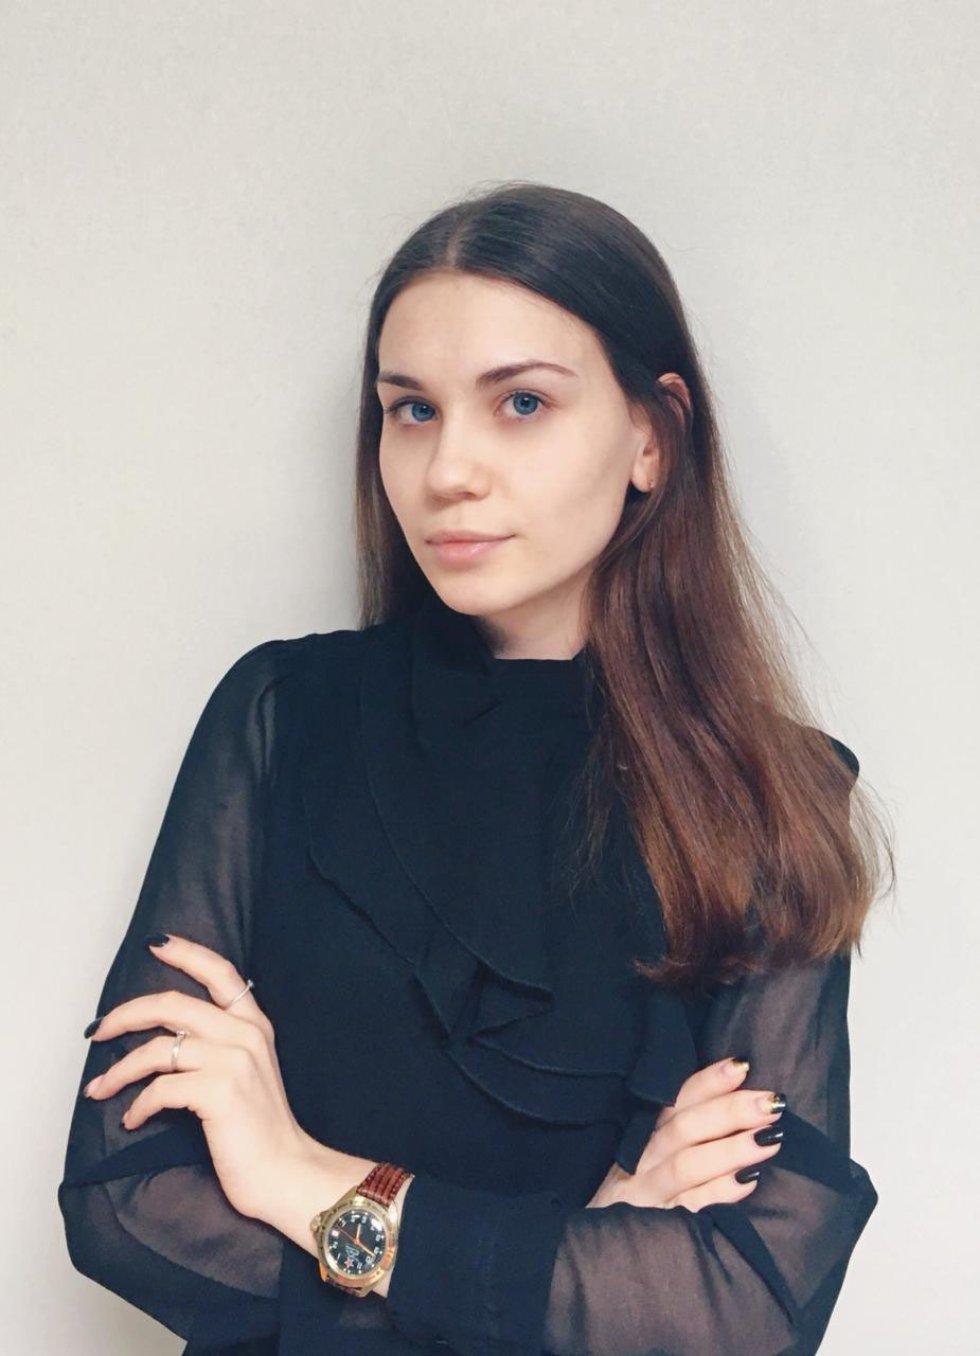 Анисимова Виталина Вадимовна